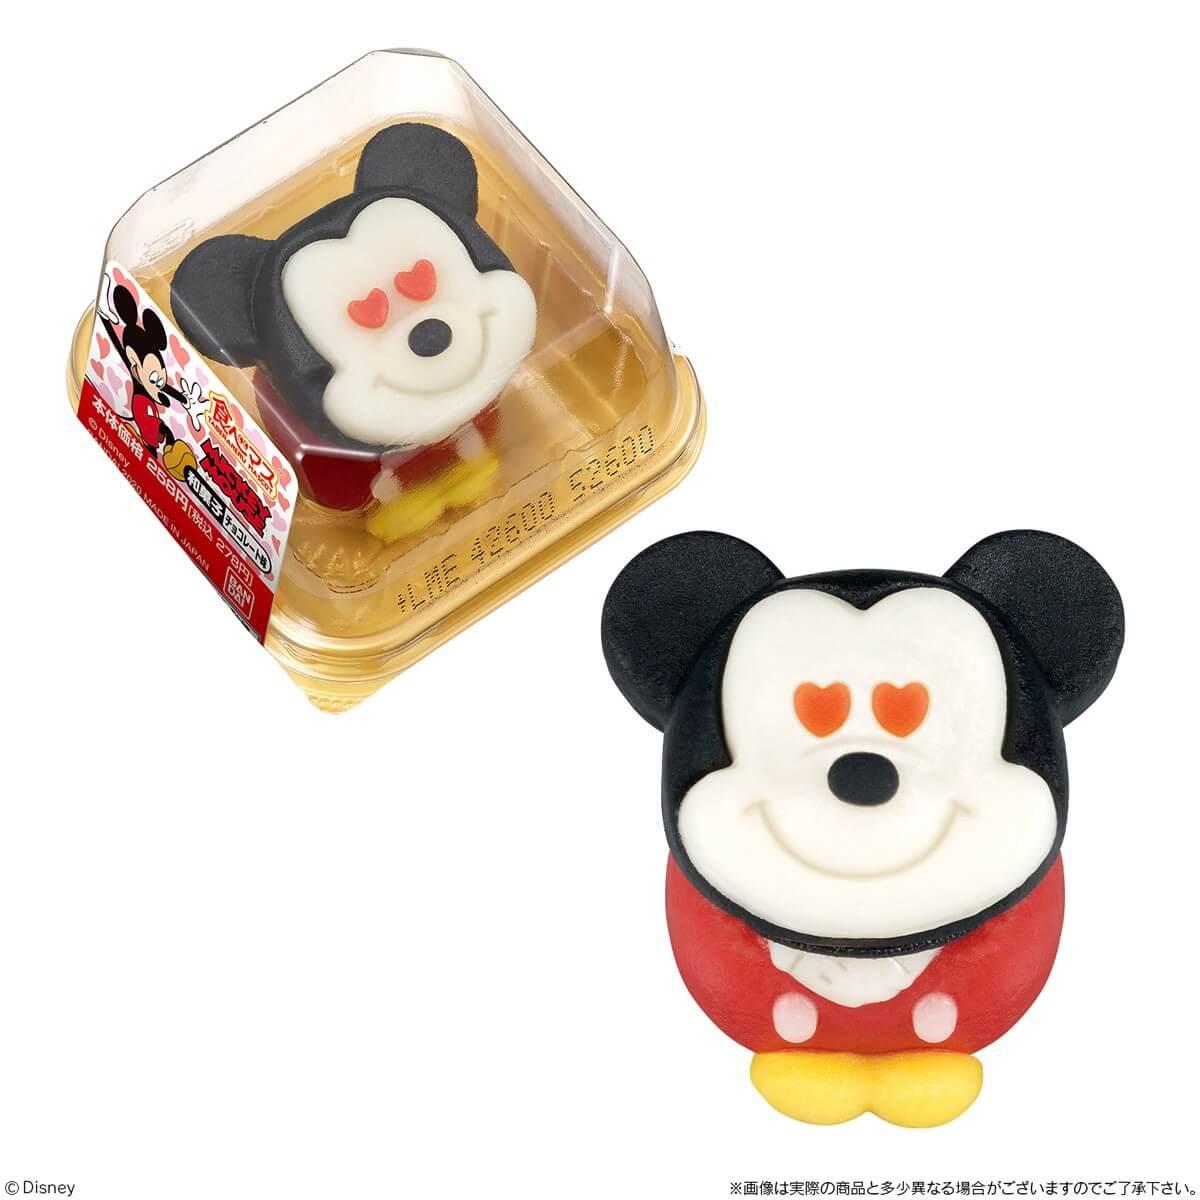 食べマス Disney ミッキーマウス